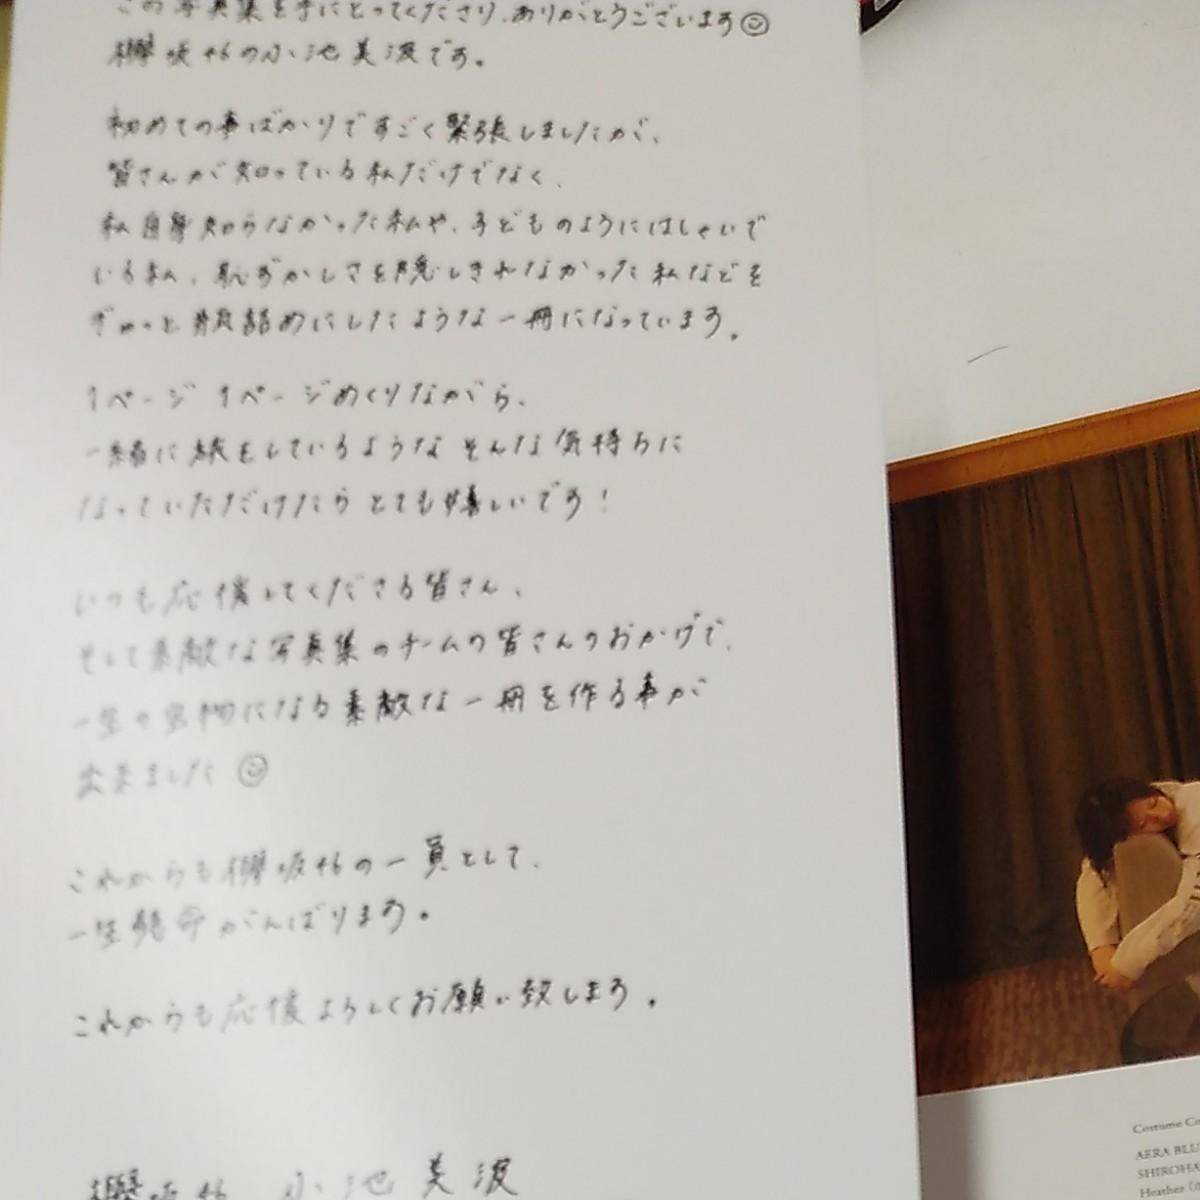 【初版】小池美波 写真集 青春の瓶詰め